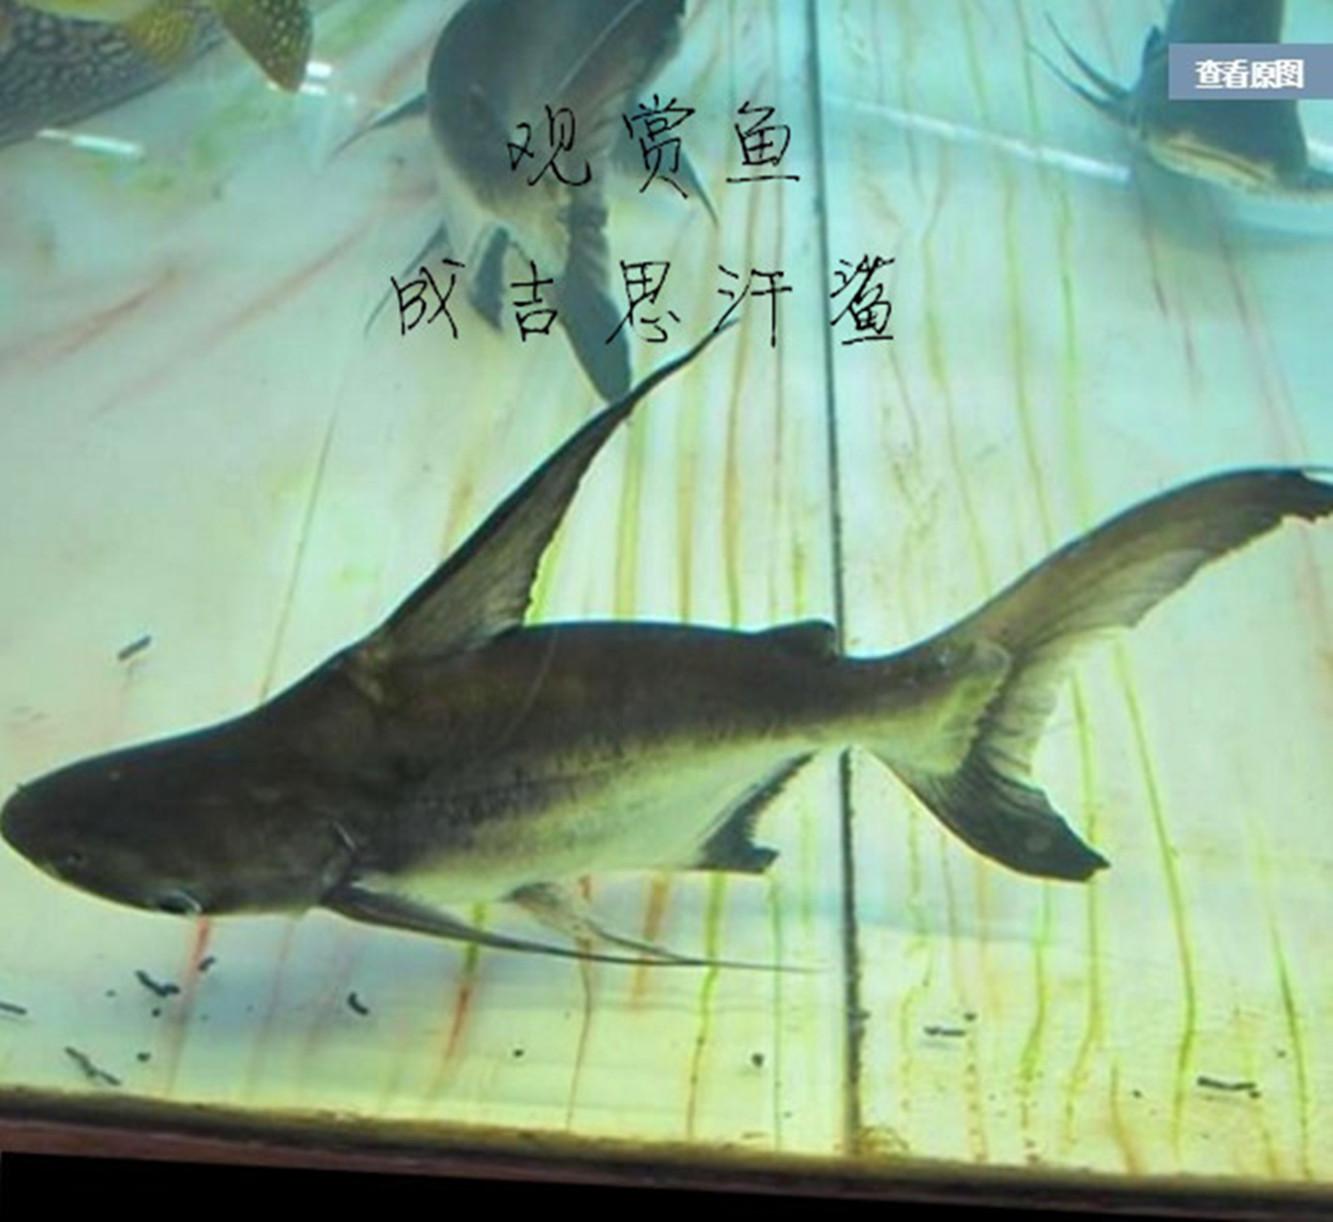 热带鱼观赏鱼中大型凶猛大白鲨淡水宠物成吉思汗鲨虎鲨小鲨鱼活体